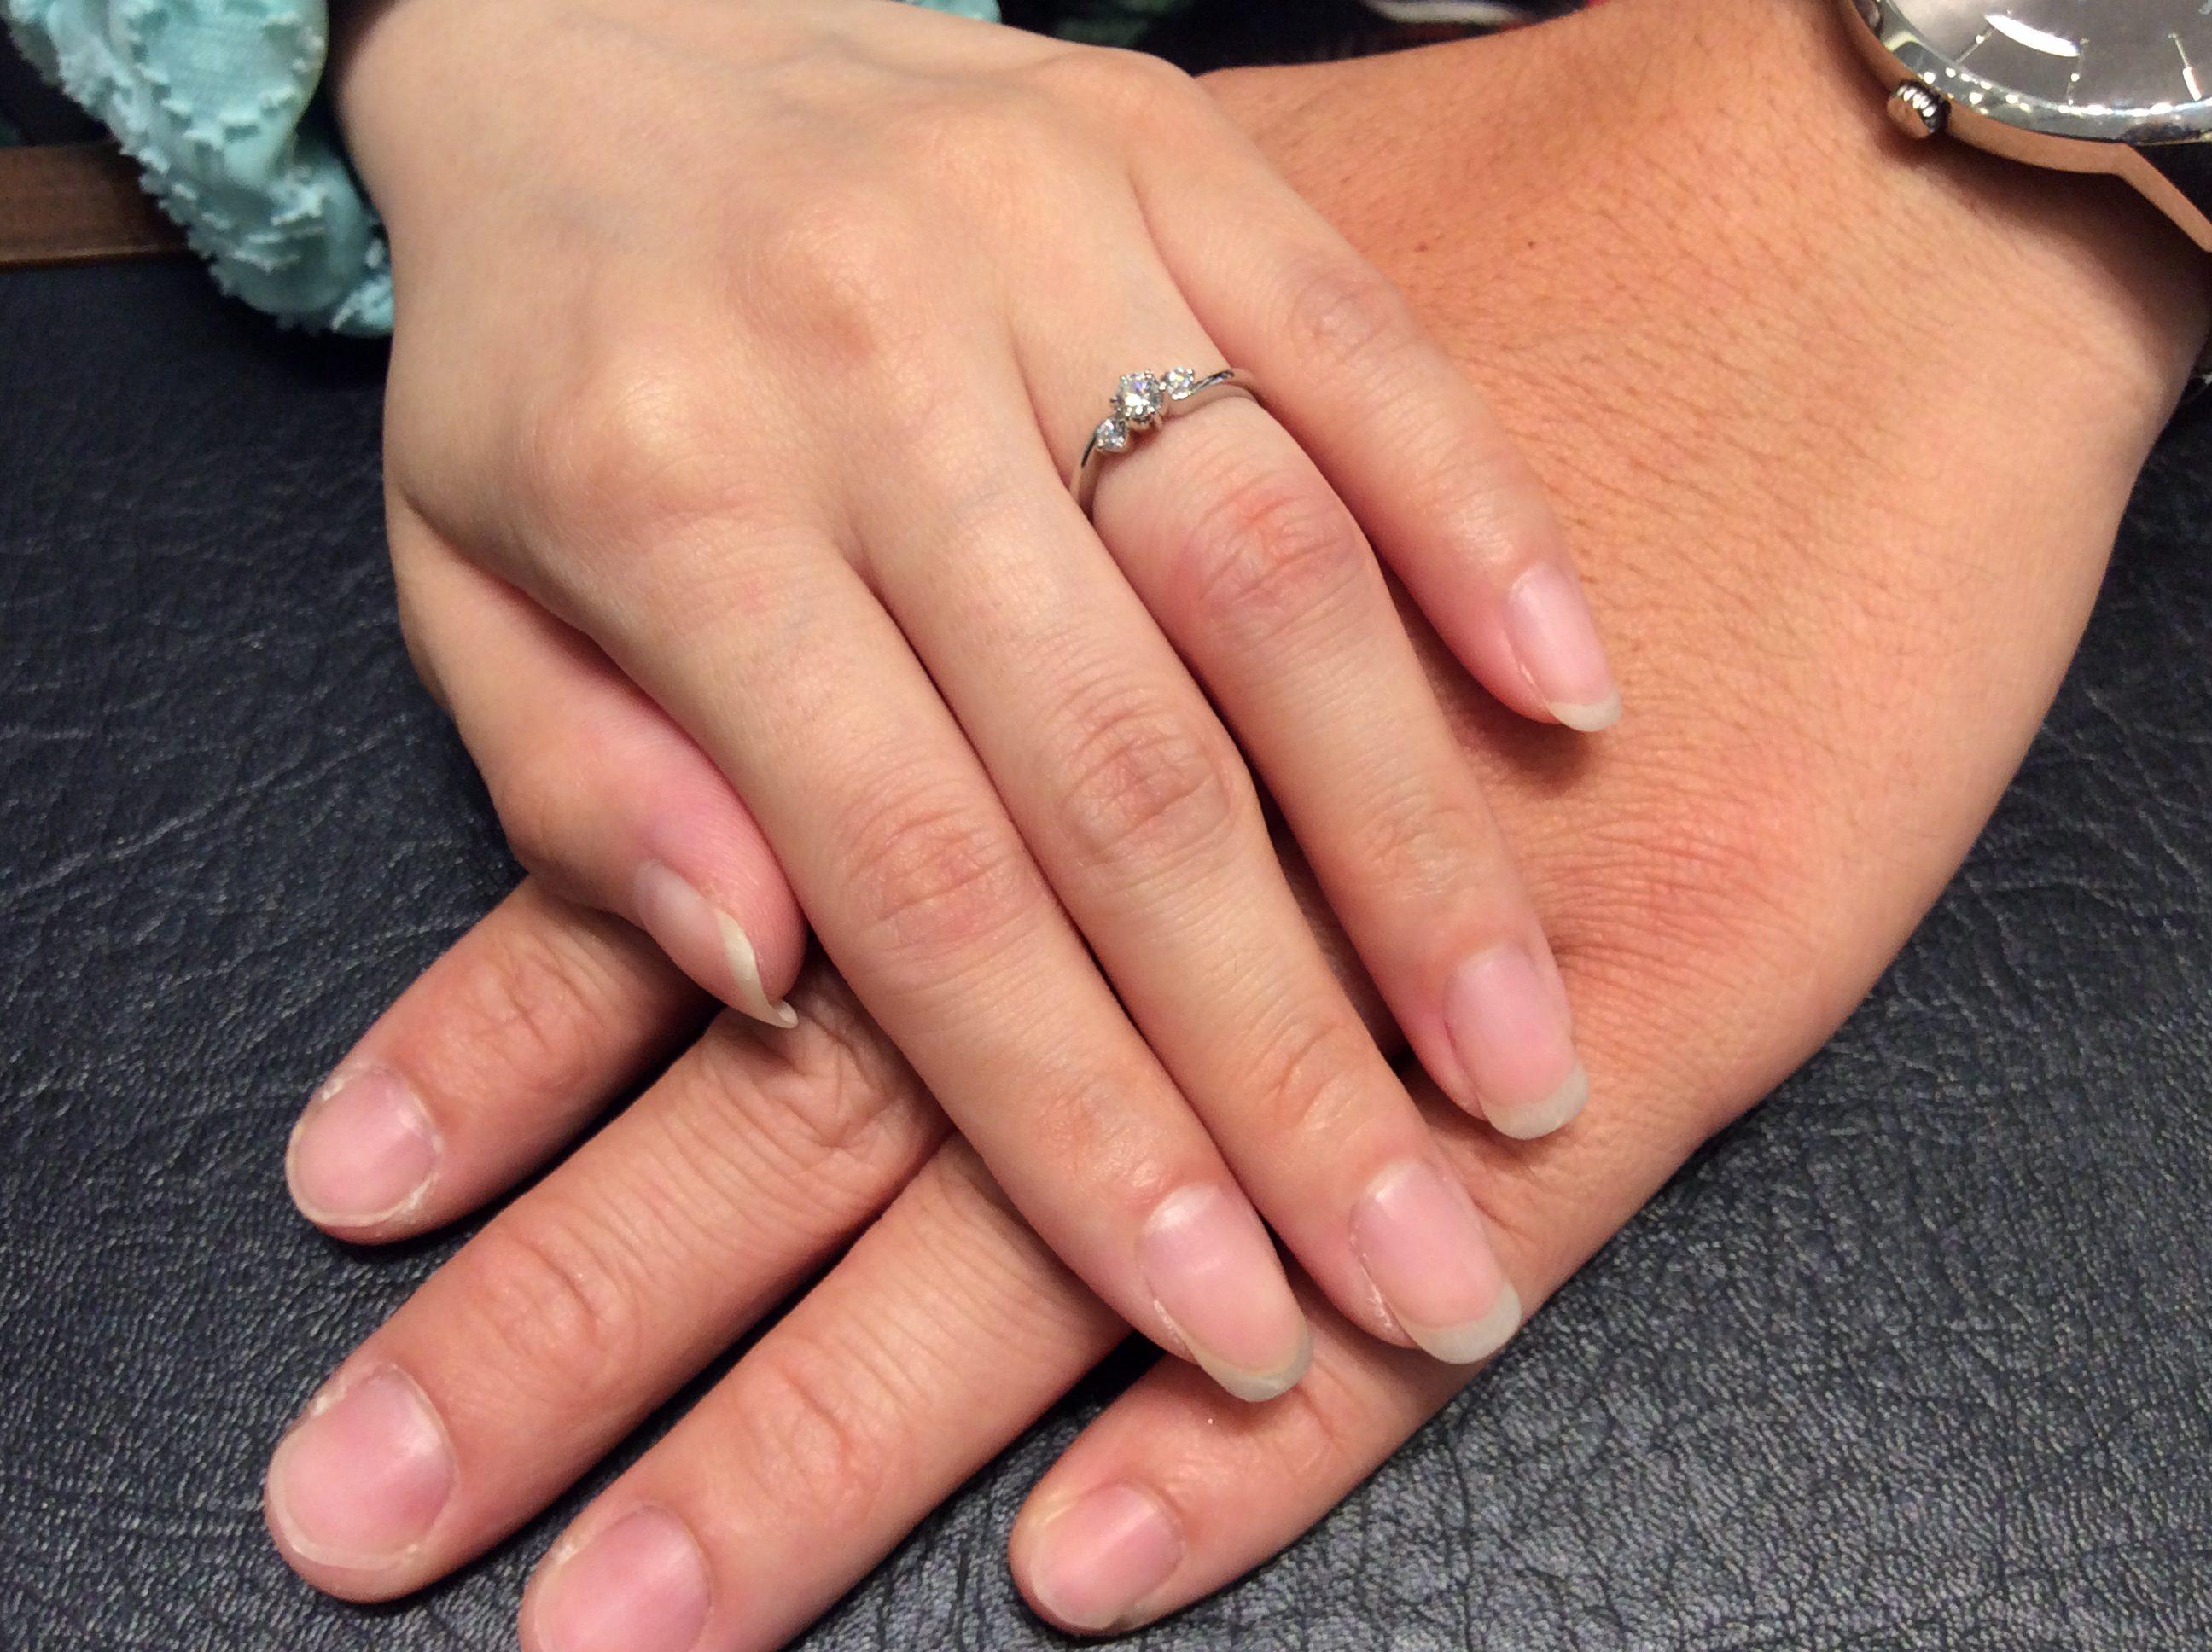 婚約指輪 ロイヤルアッシャーダイヤモンドの伝説モデル💎(新潟市/Y様&W様)